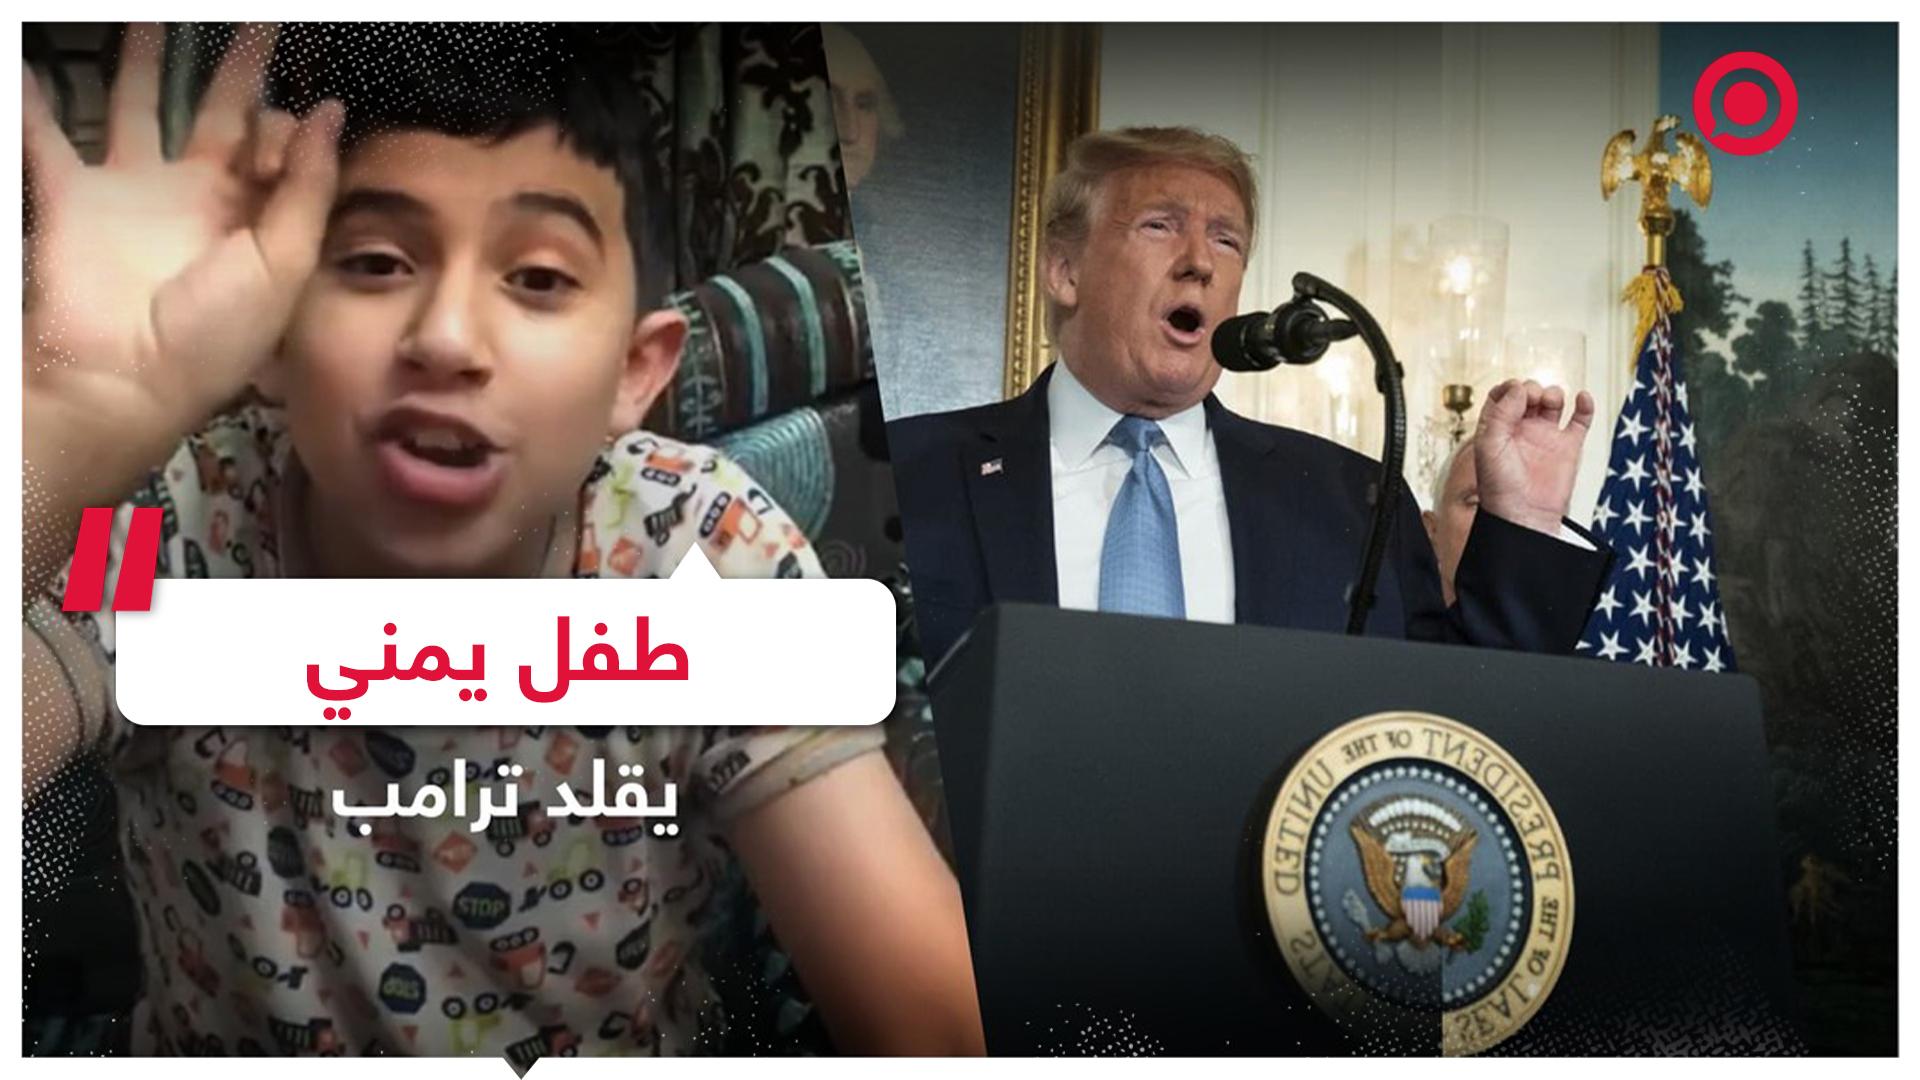 #اليمن #أمريكا #ترامب #تقليد #مواقع_التواصل